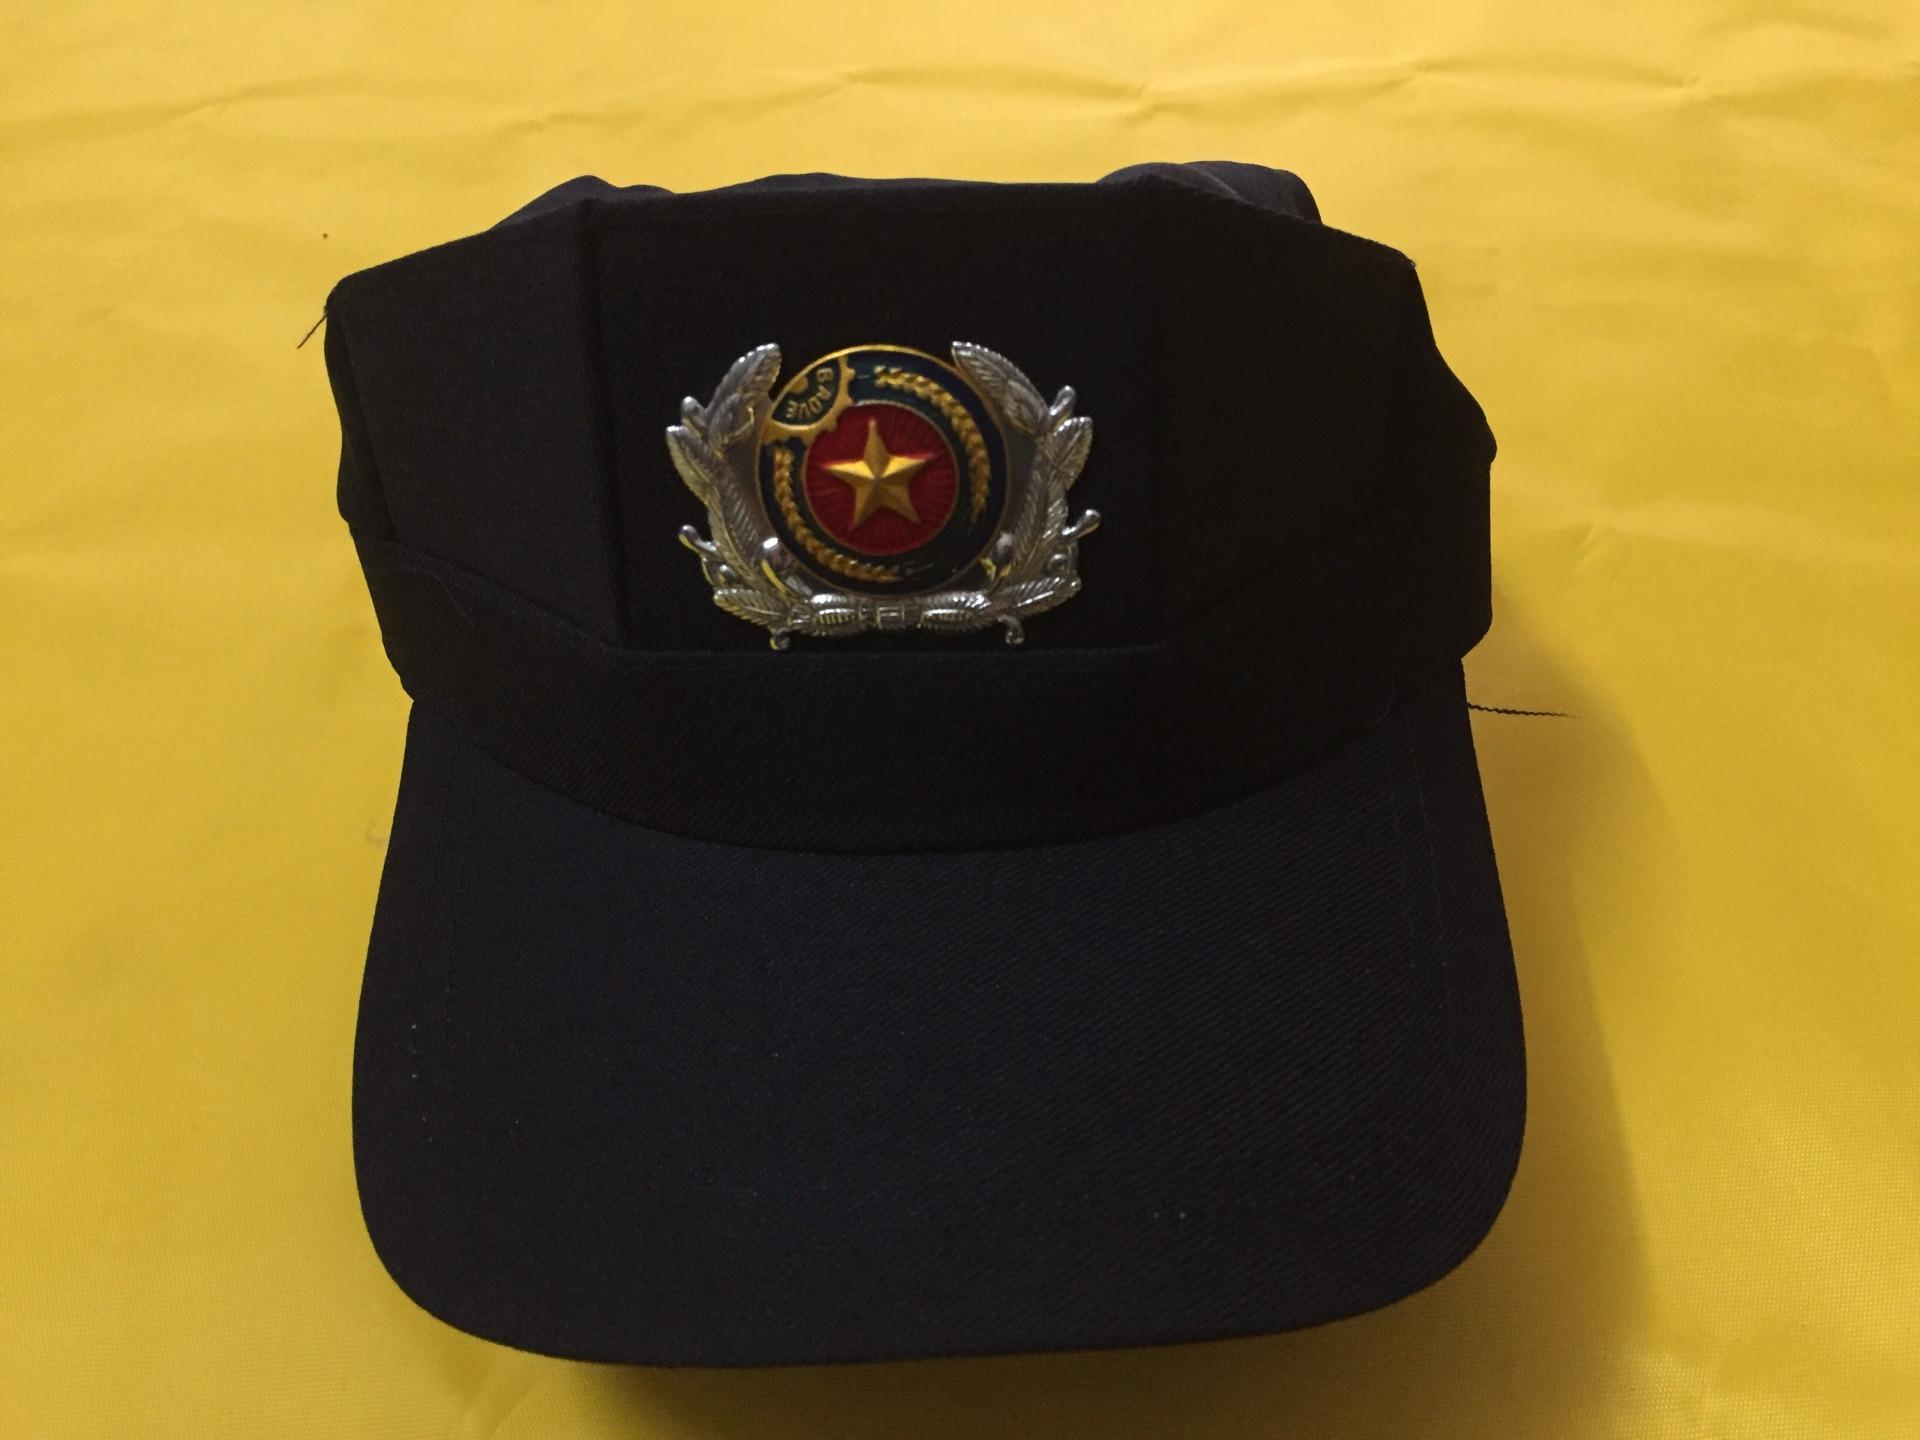 May đồng phục bảo vệ giá tốt uy tín, nhận may đồng phục bảo vệ TPHCM